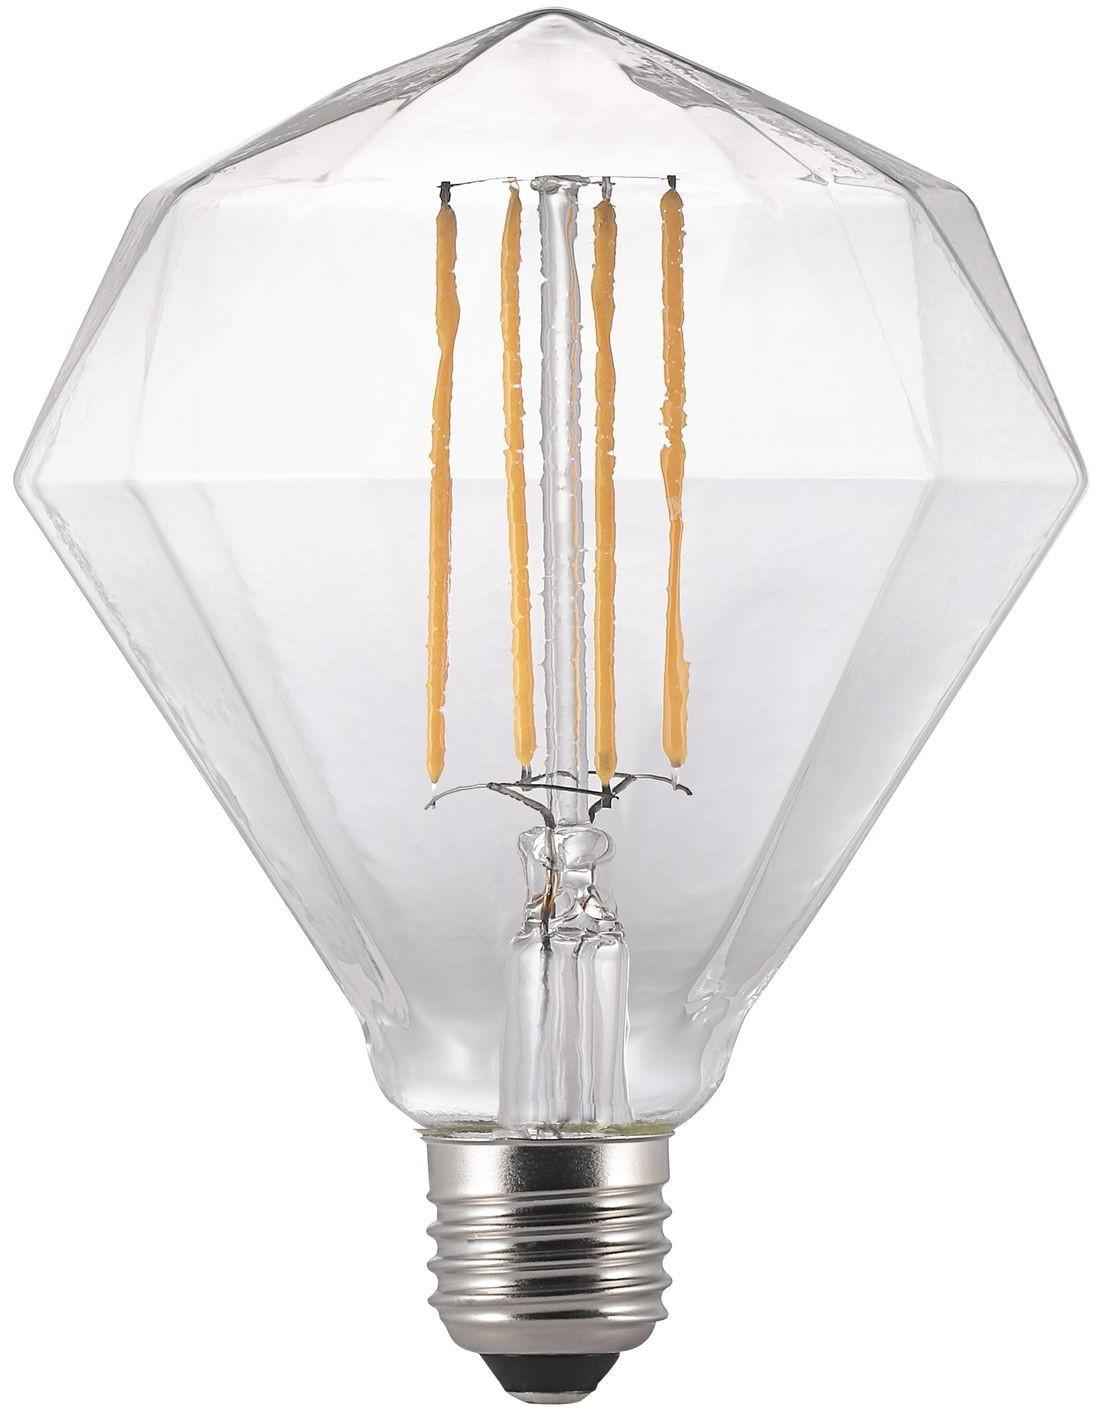 Nordlux E27 Avra Filament 2W (1423070)